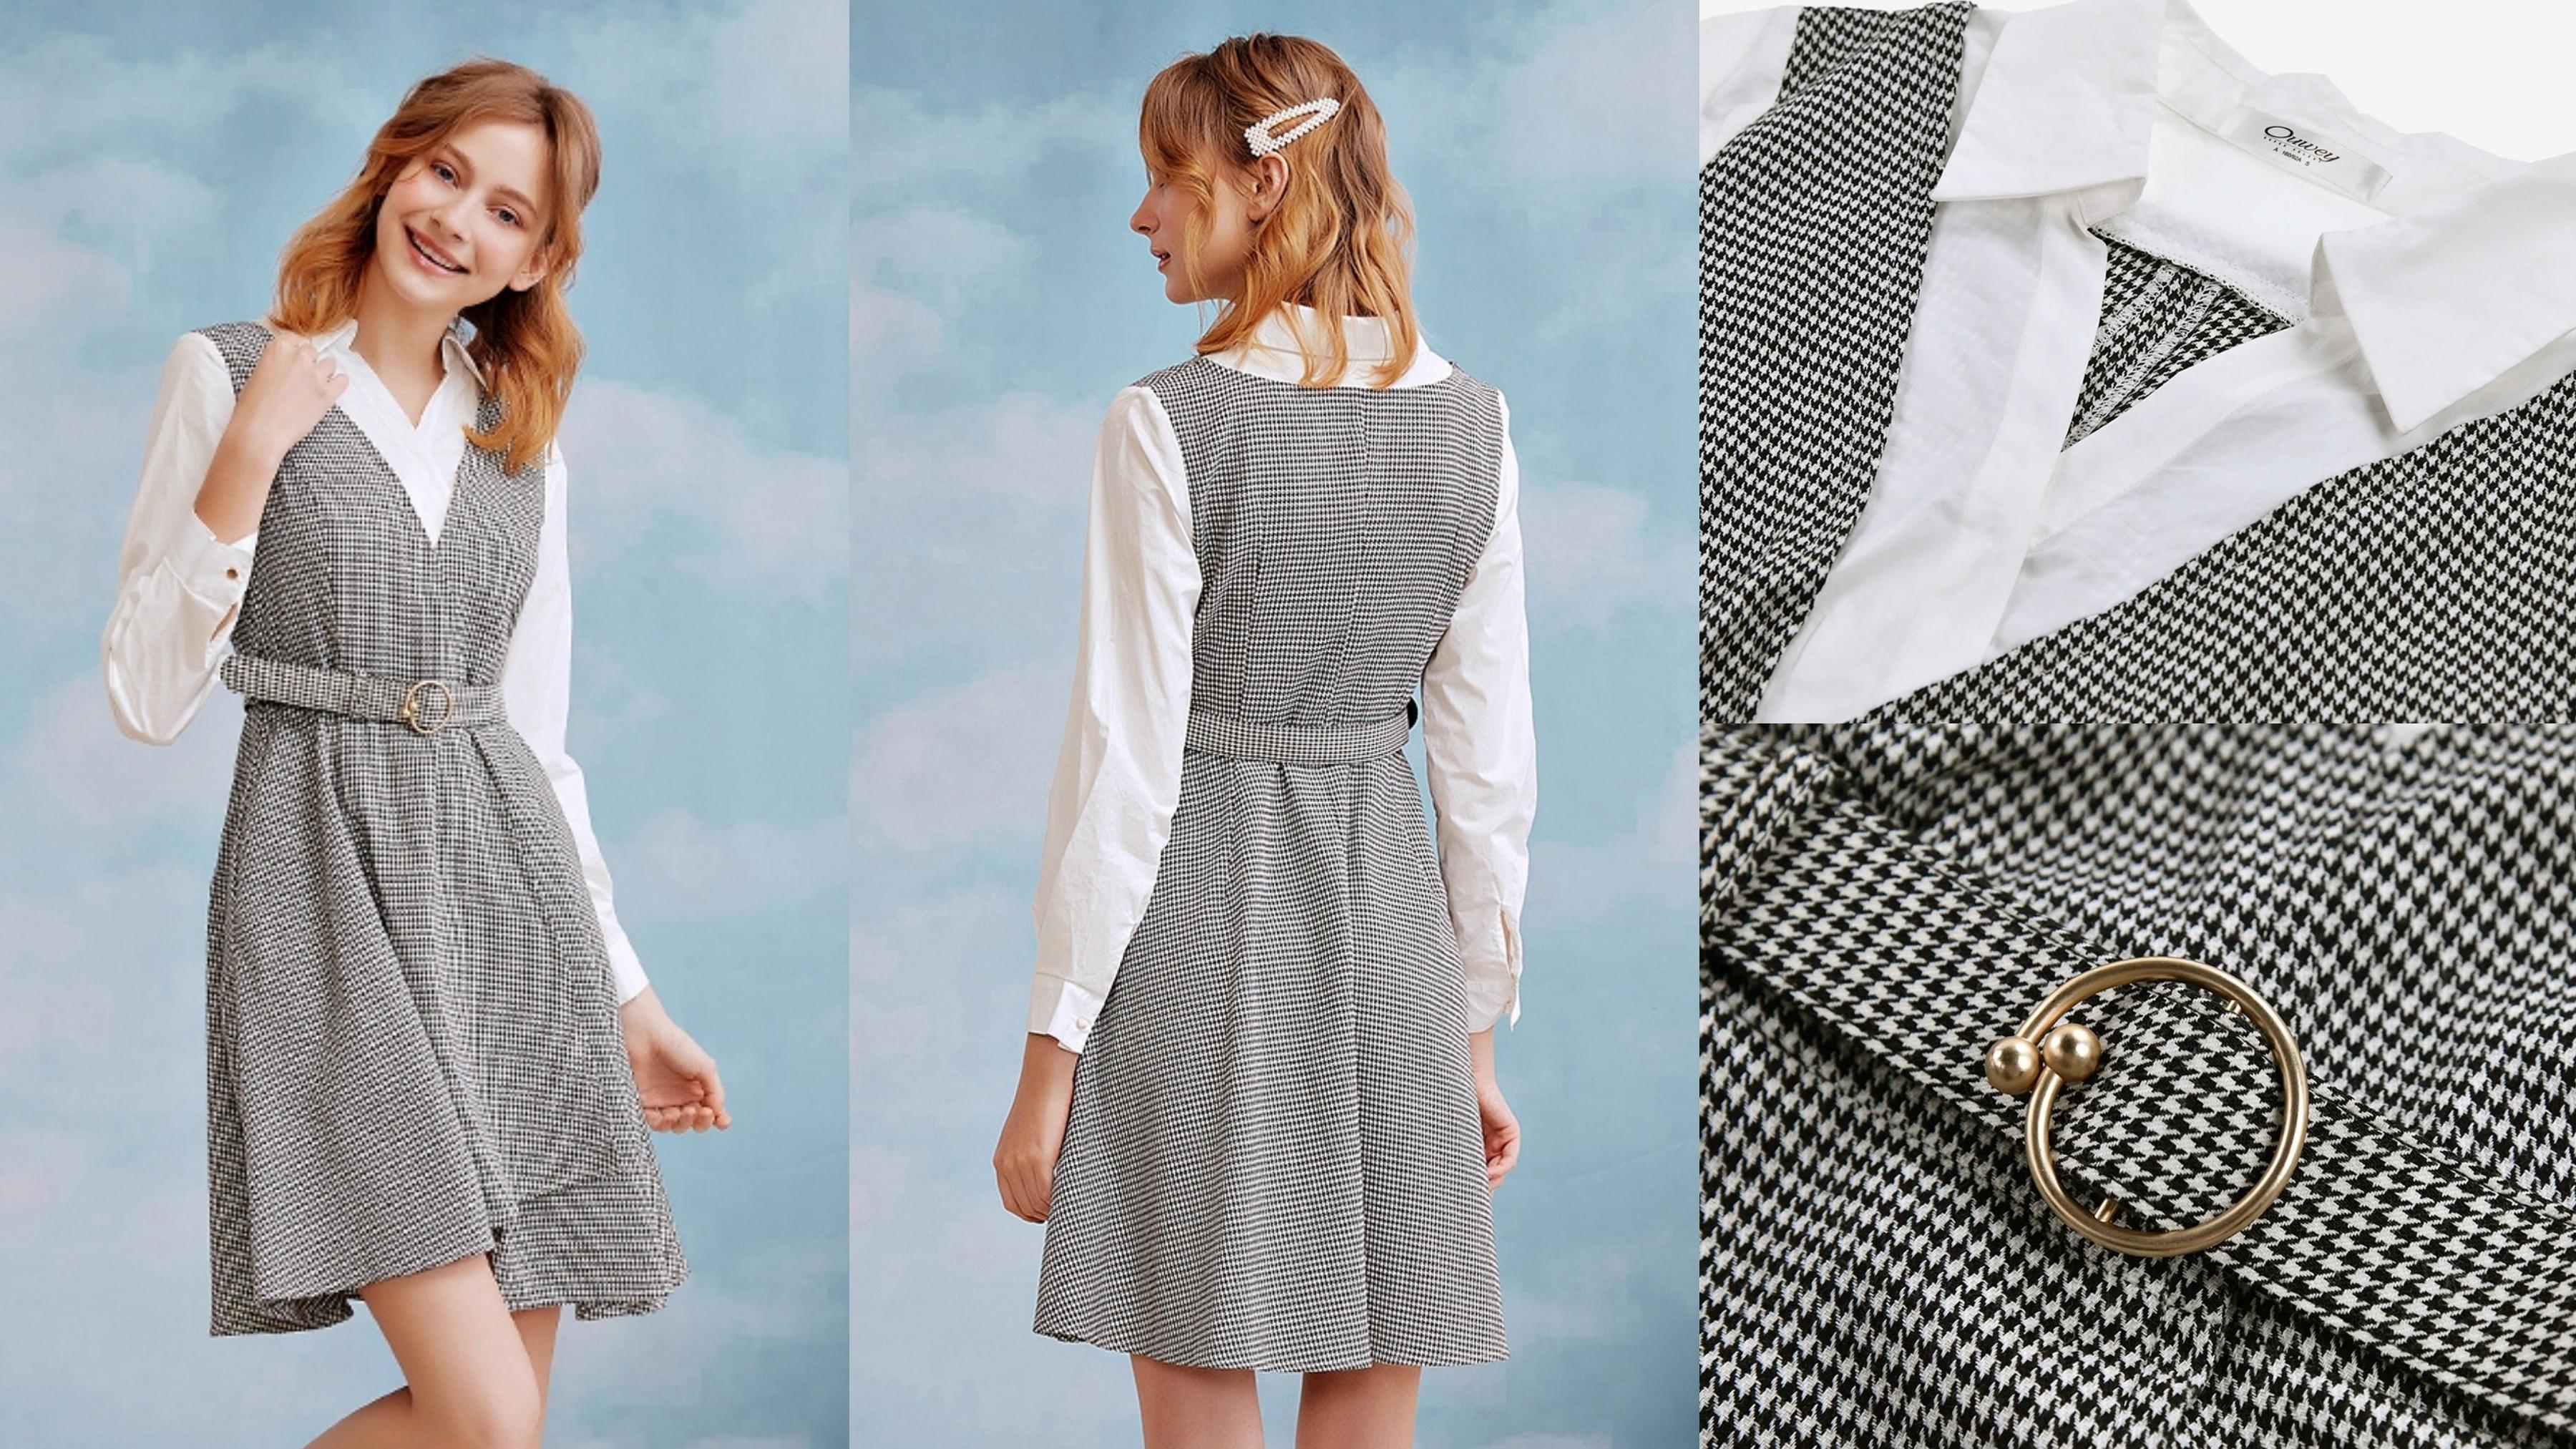 OUWEY歐薇 都會千鳥格假兩件洋裝(灰) 微磨毛千鳥格紋布展現經典風格,高含棉襯衫裡拼接營造都會感